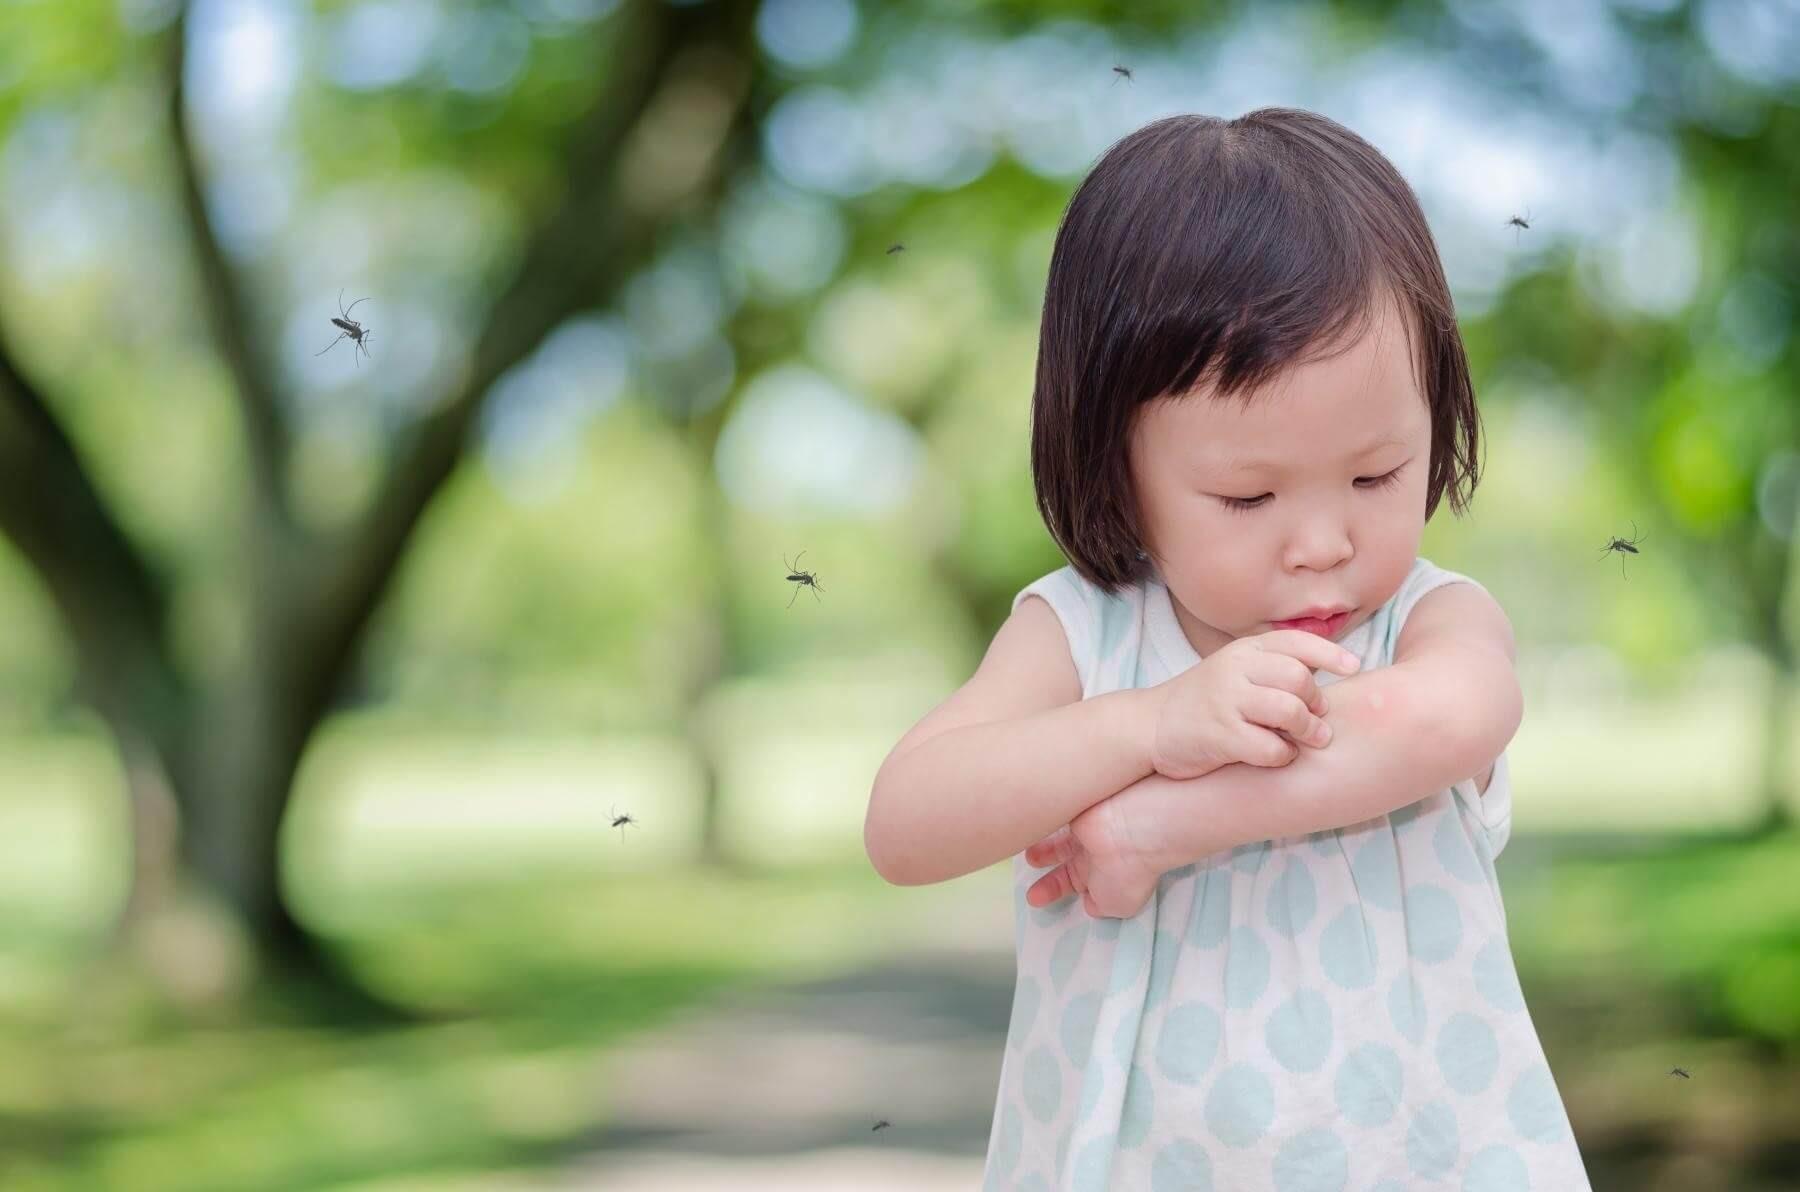 Cách sử dụng thuốc diệt muỗi an toàn